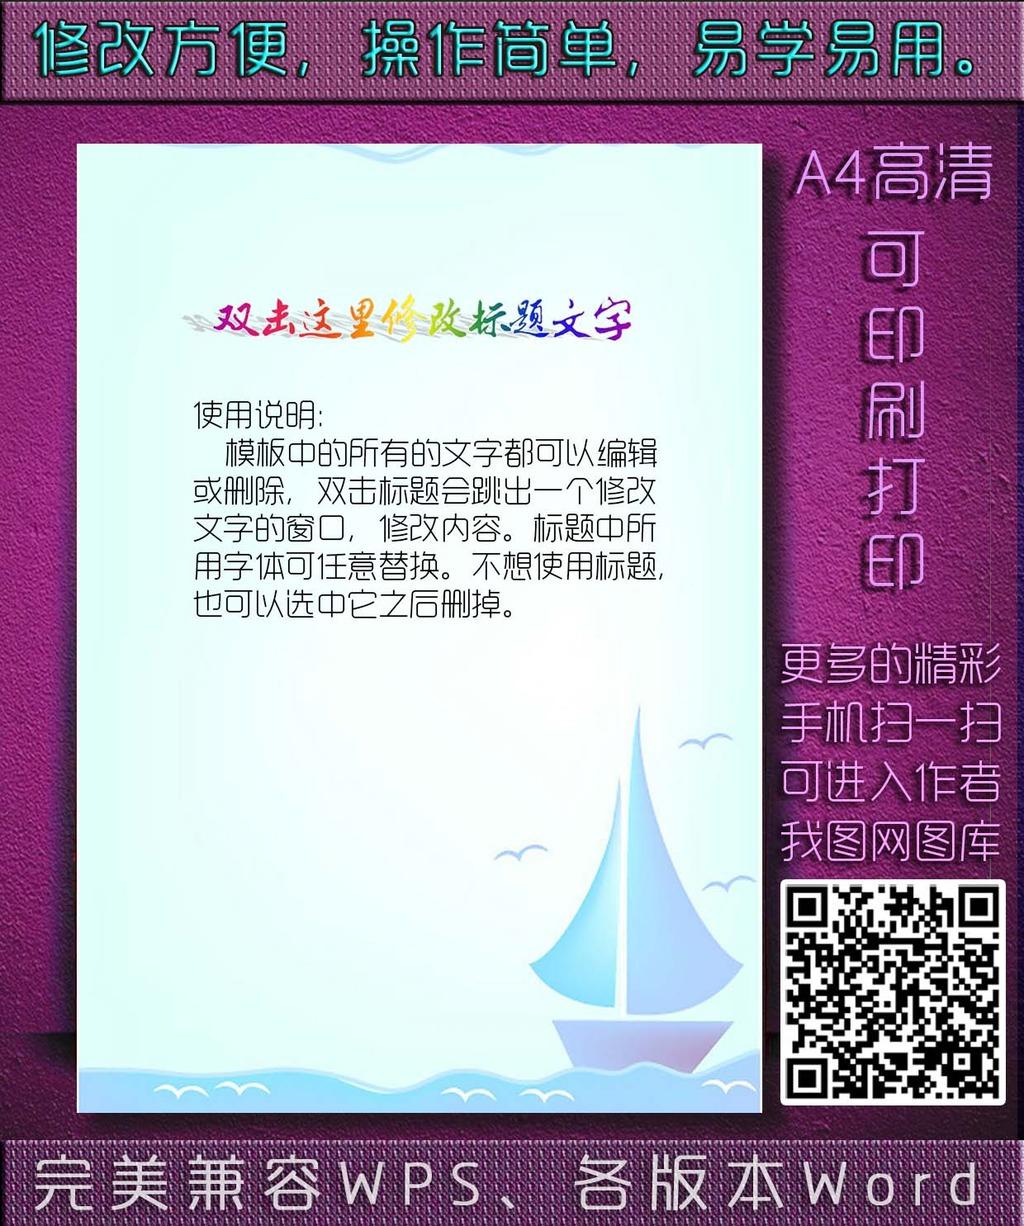 风帆精美清新信纸模板图片下载